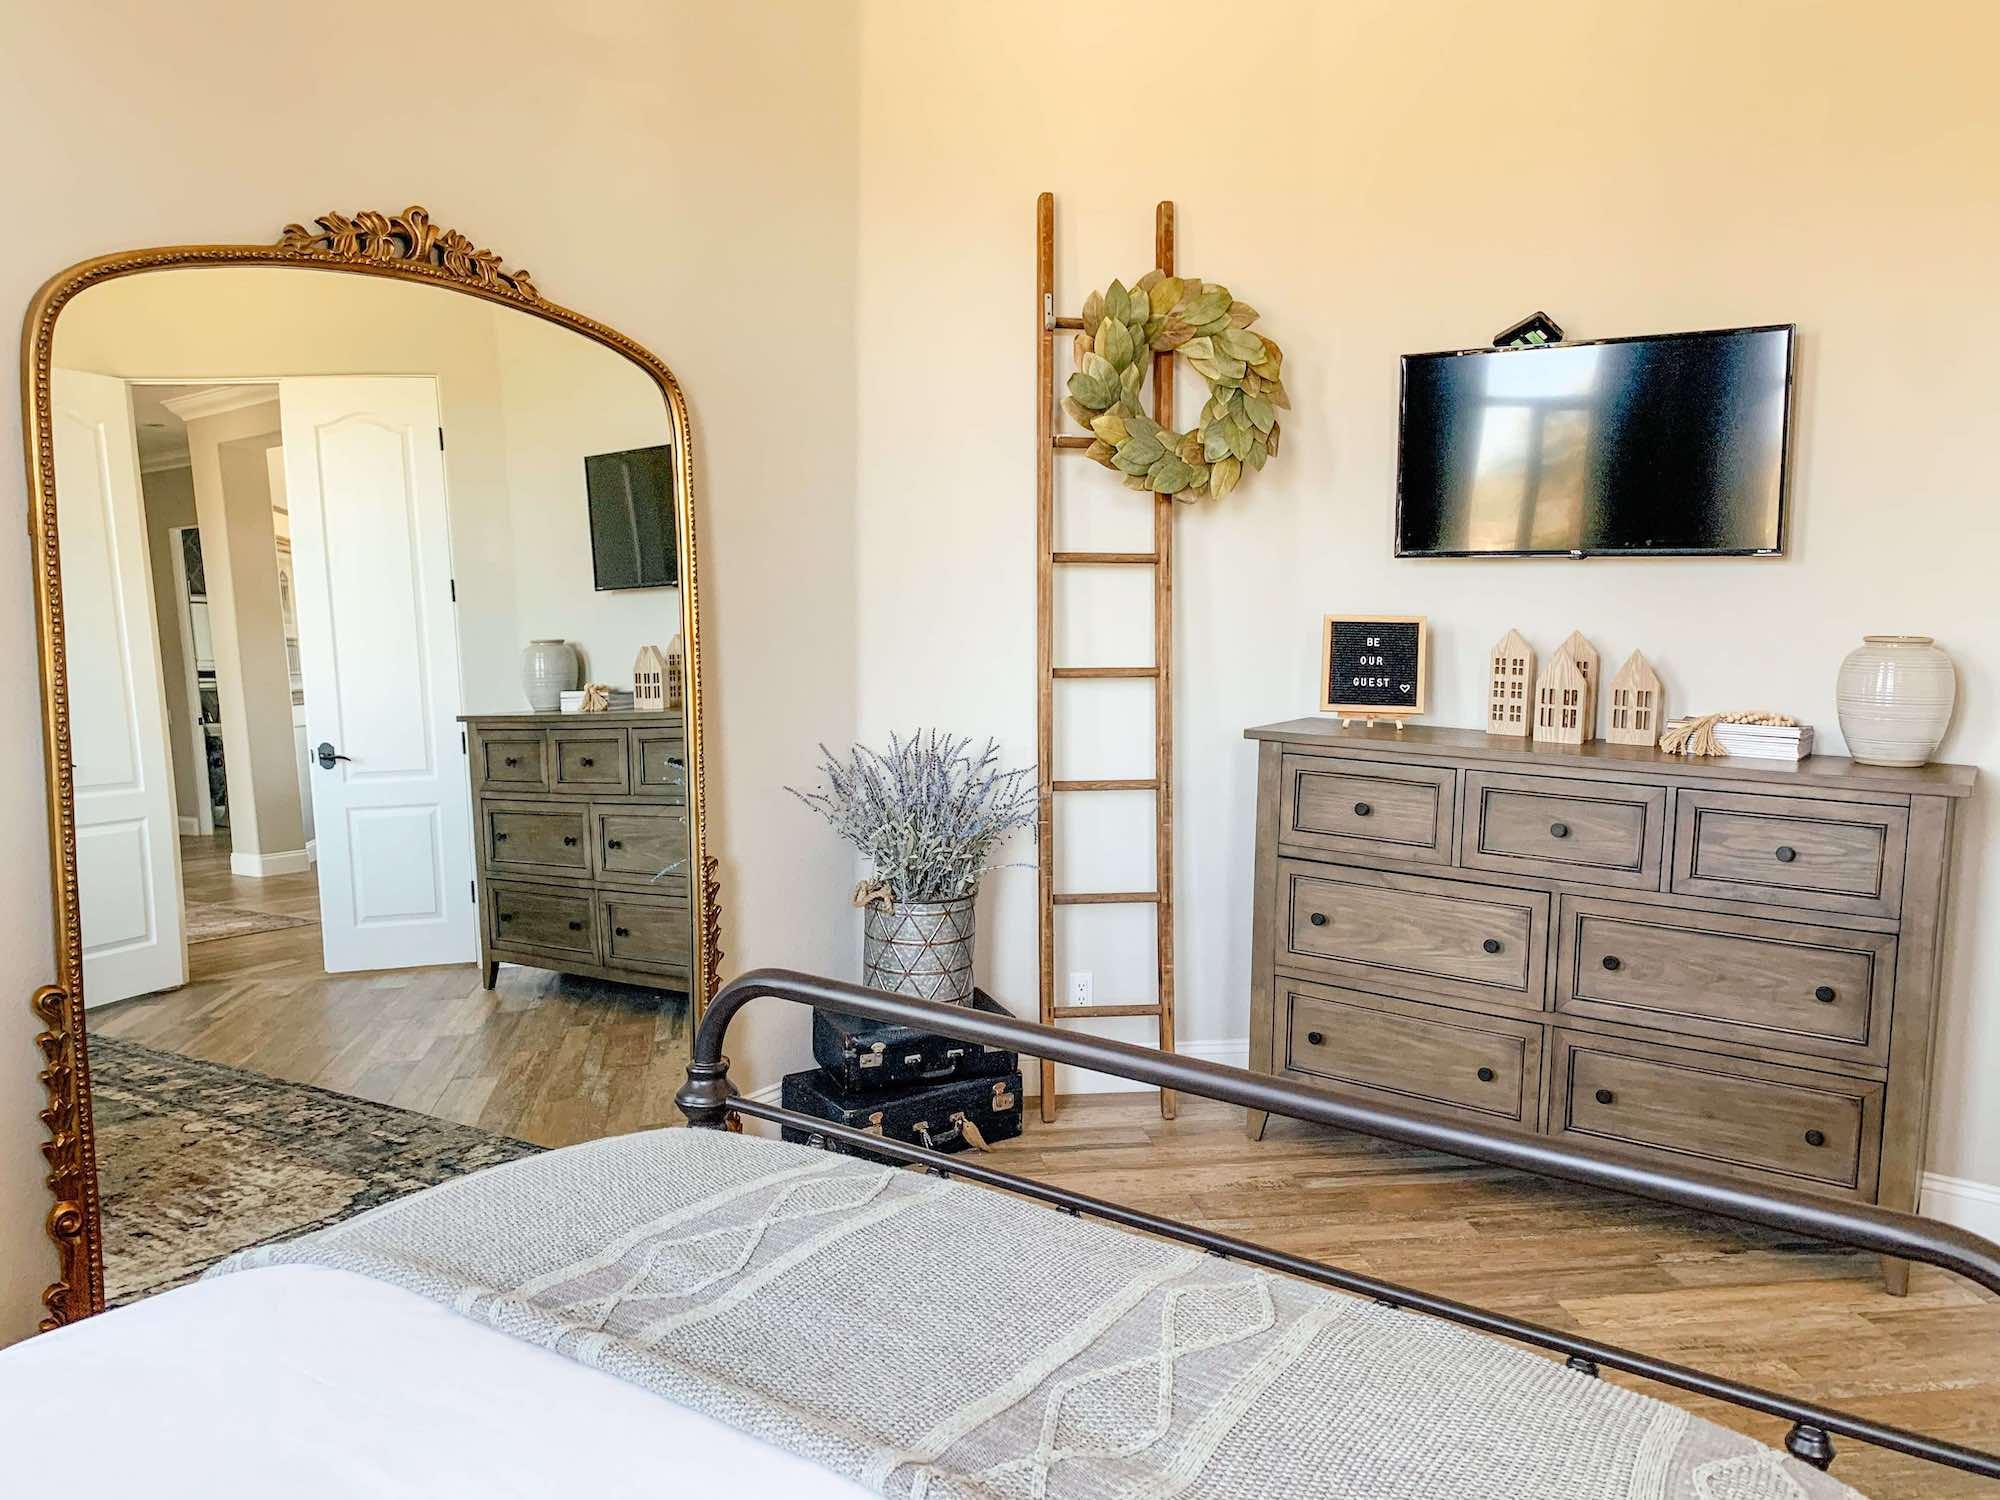 The Estate at Via Las Palmas - Owner's Suite